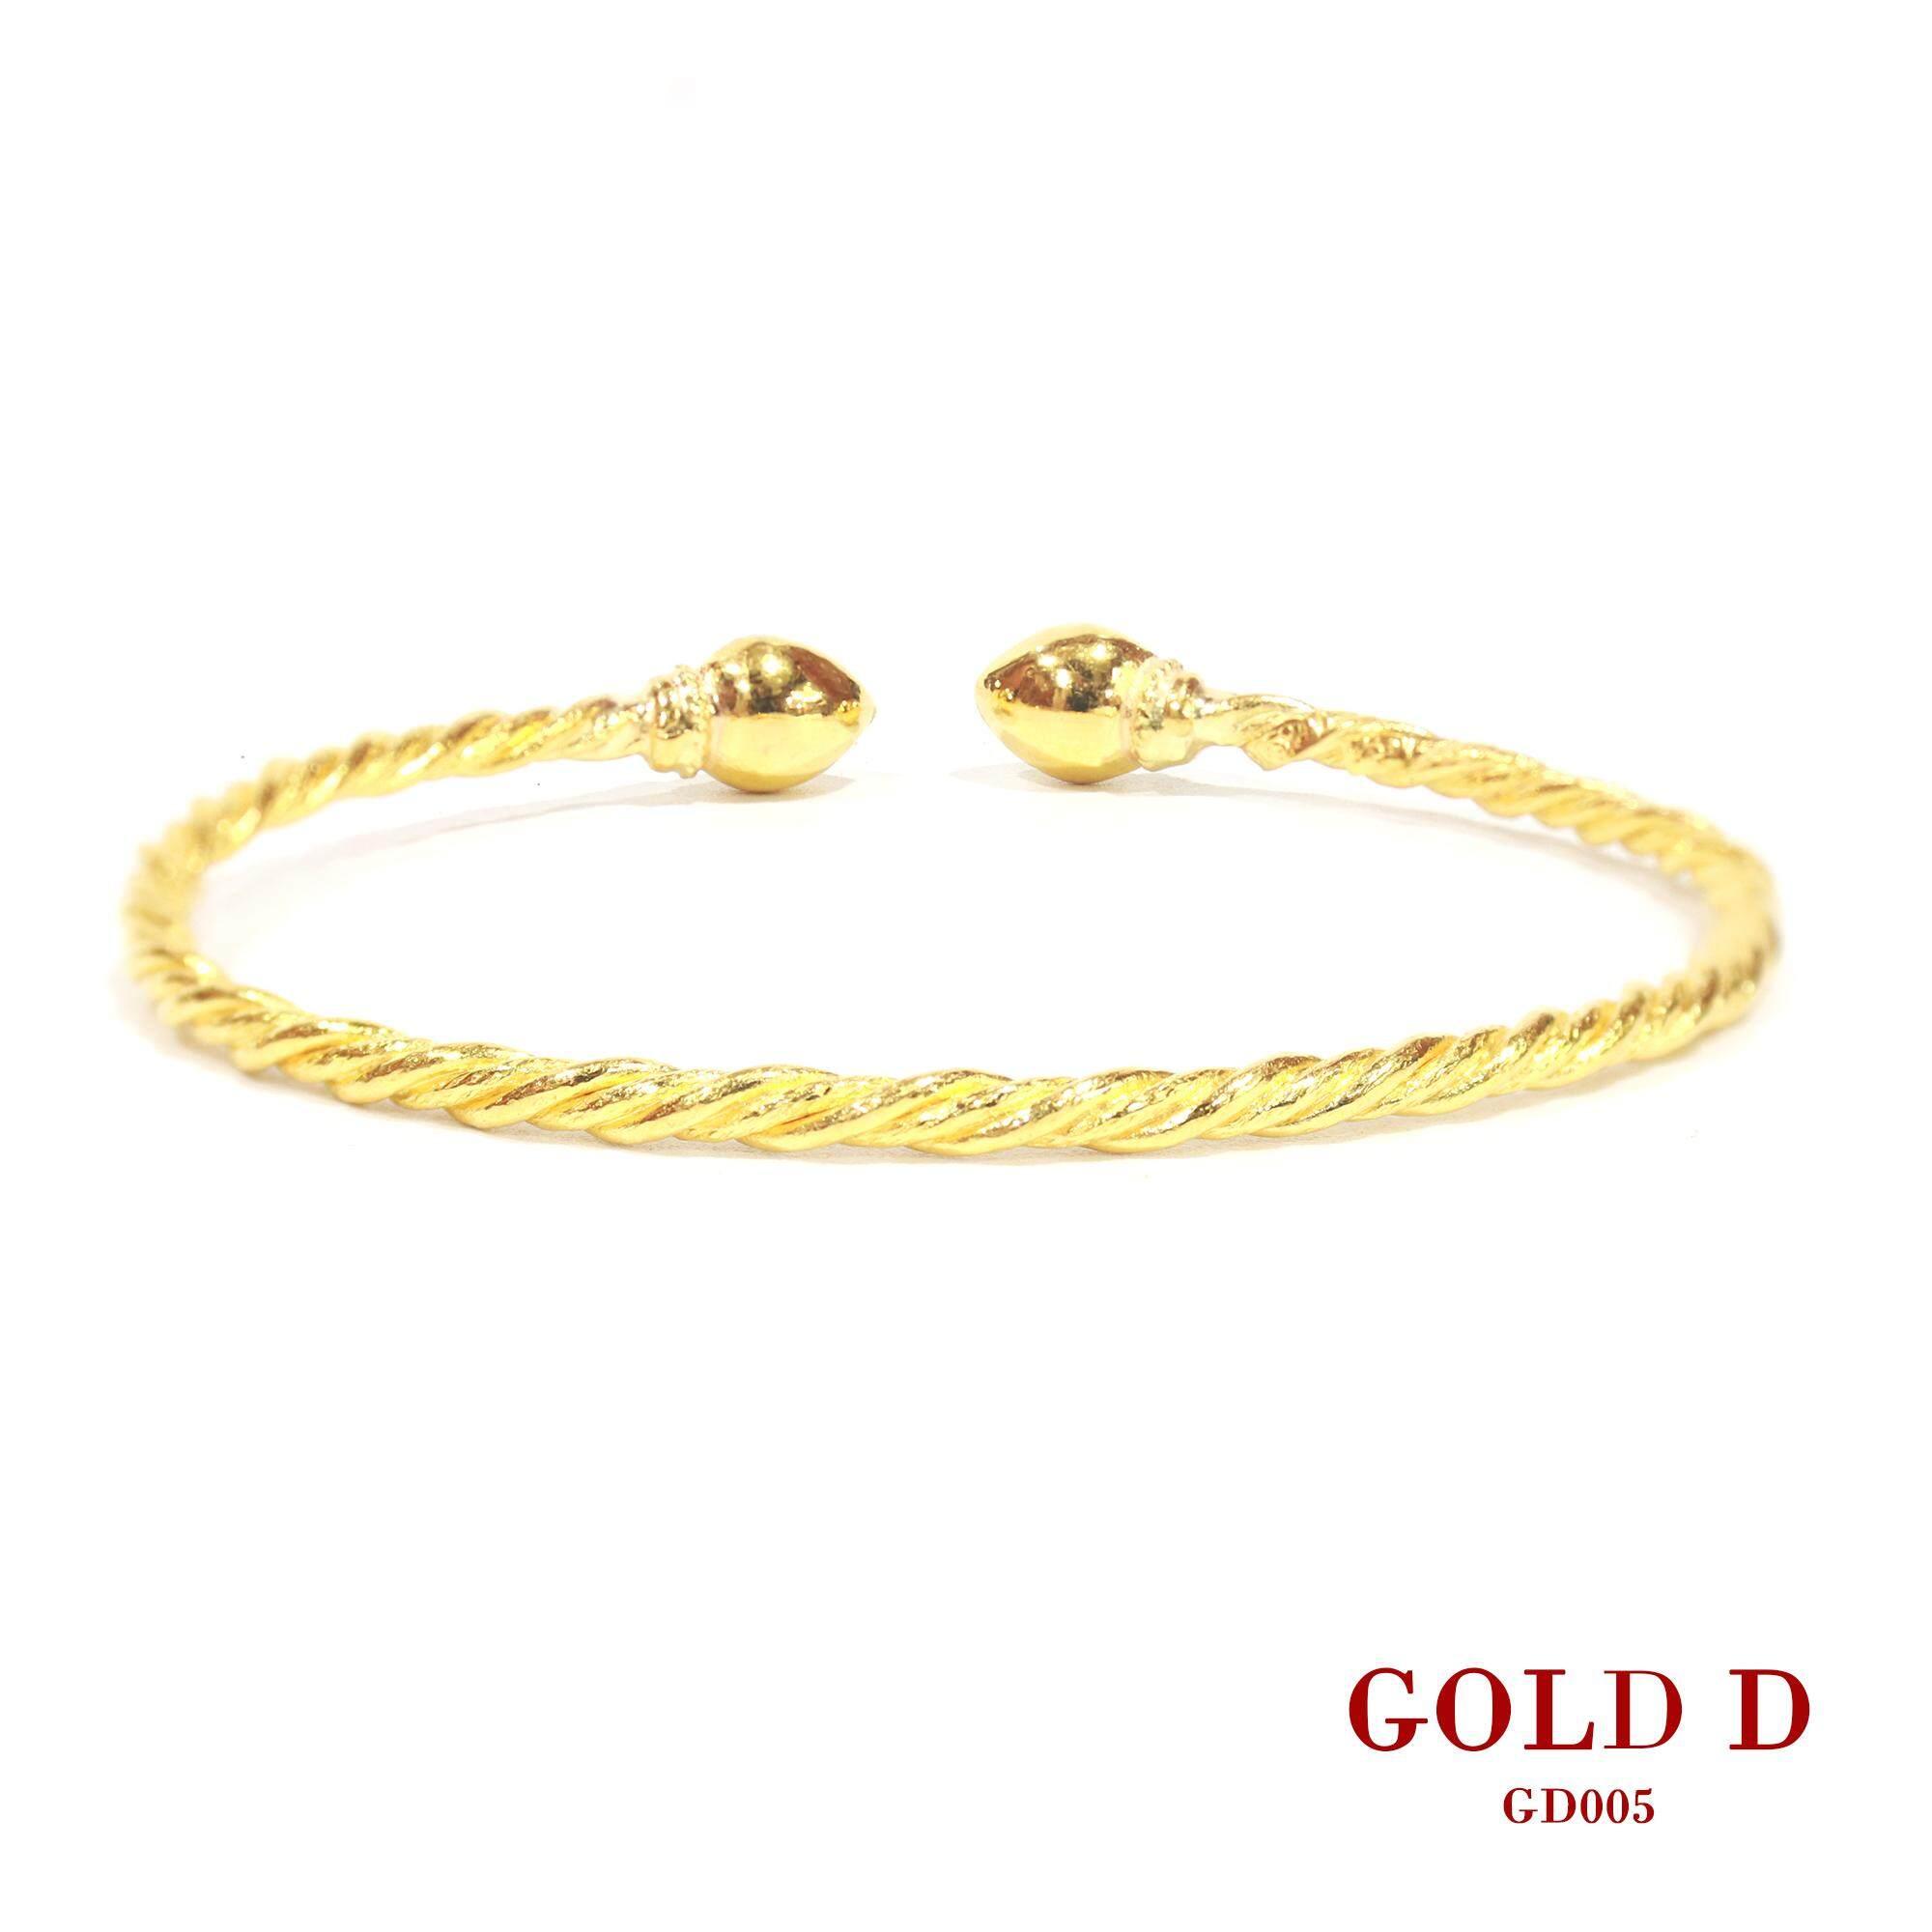 กำไลหัวบัวทองแท้ 96.5% หนัก 2 สลึง By Gold D.